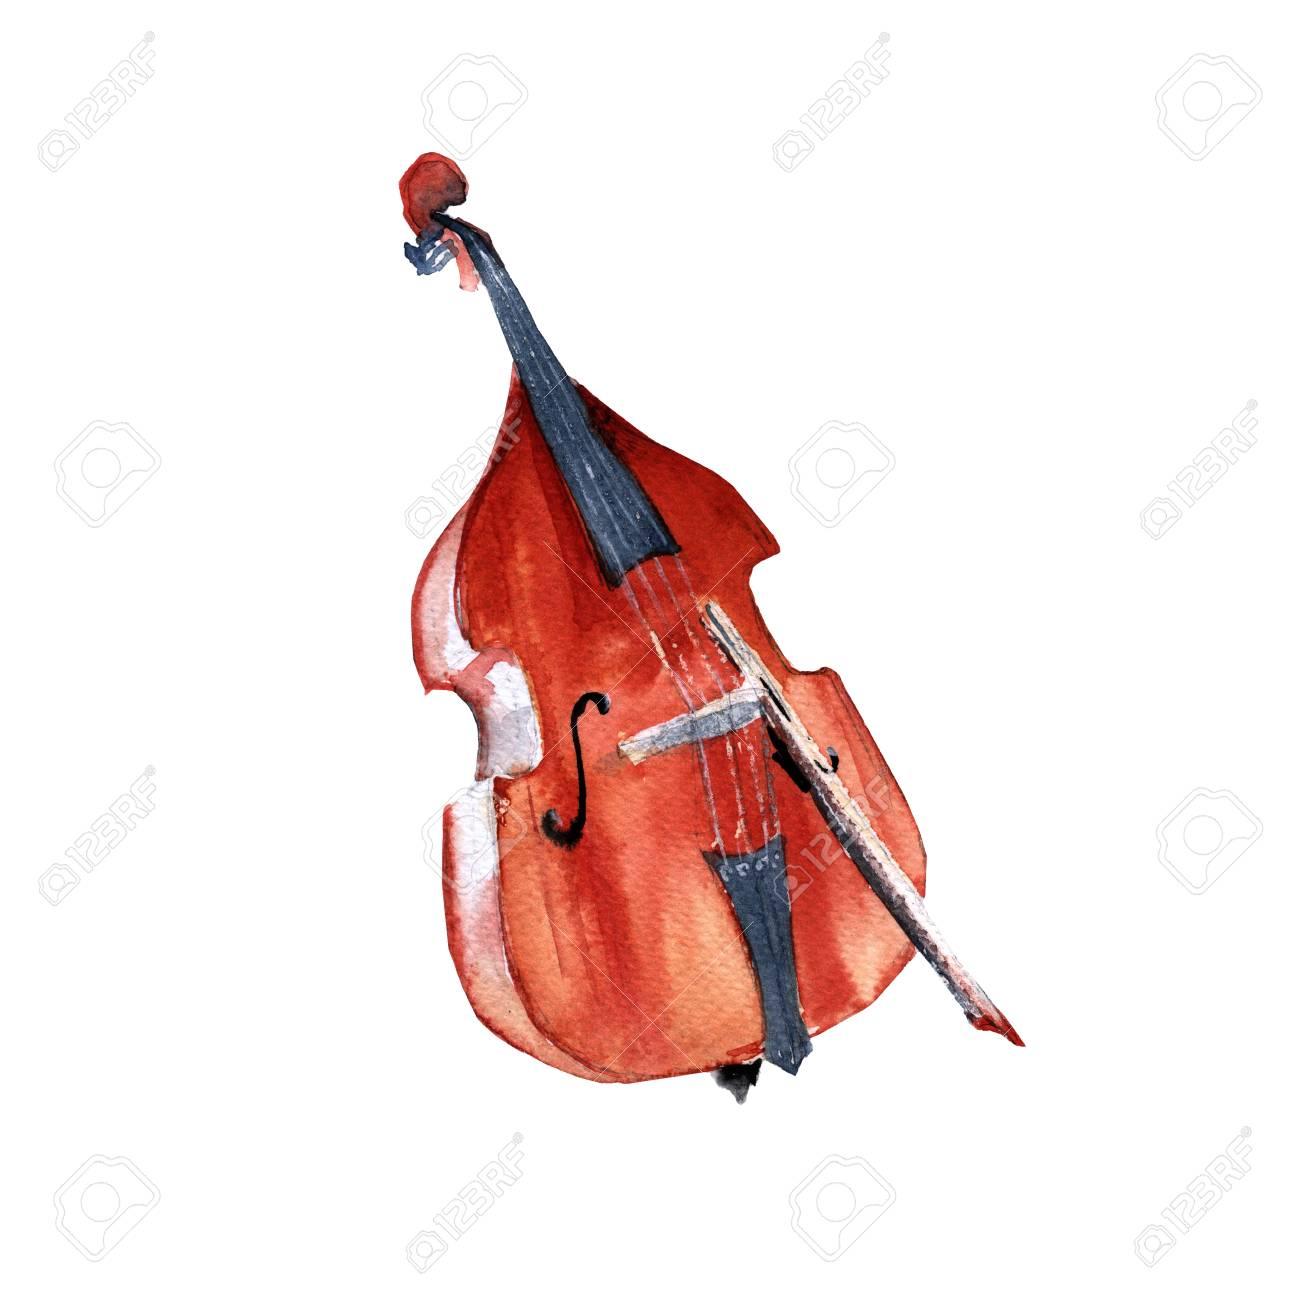 楽器コントラバス白い背景上に分離水彩イラスト の写真素材画像